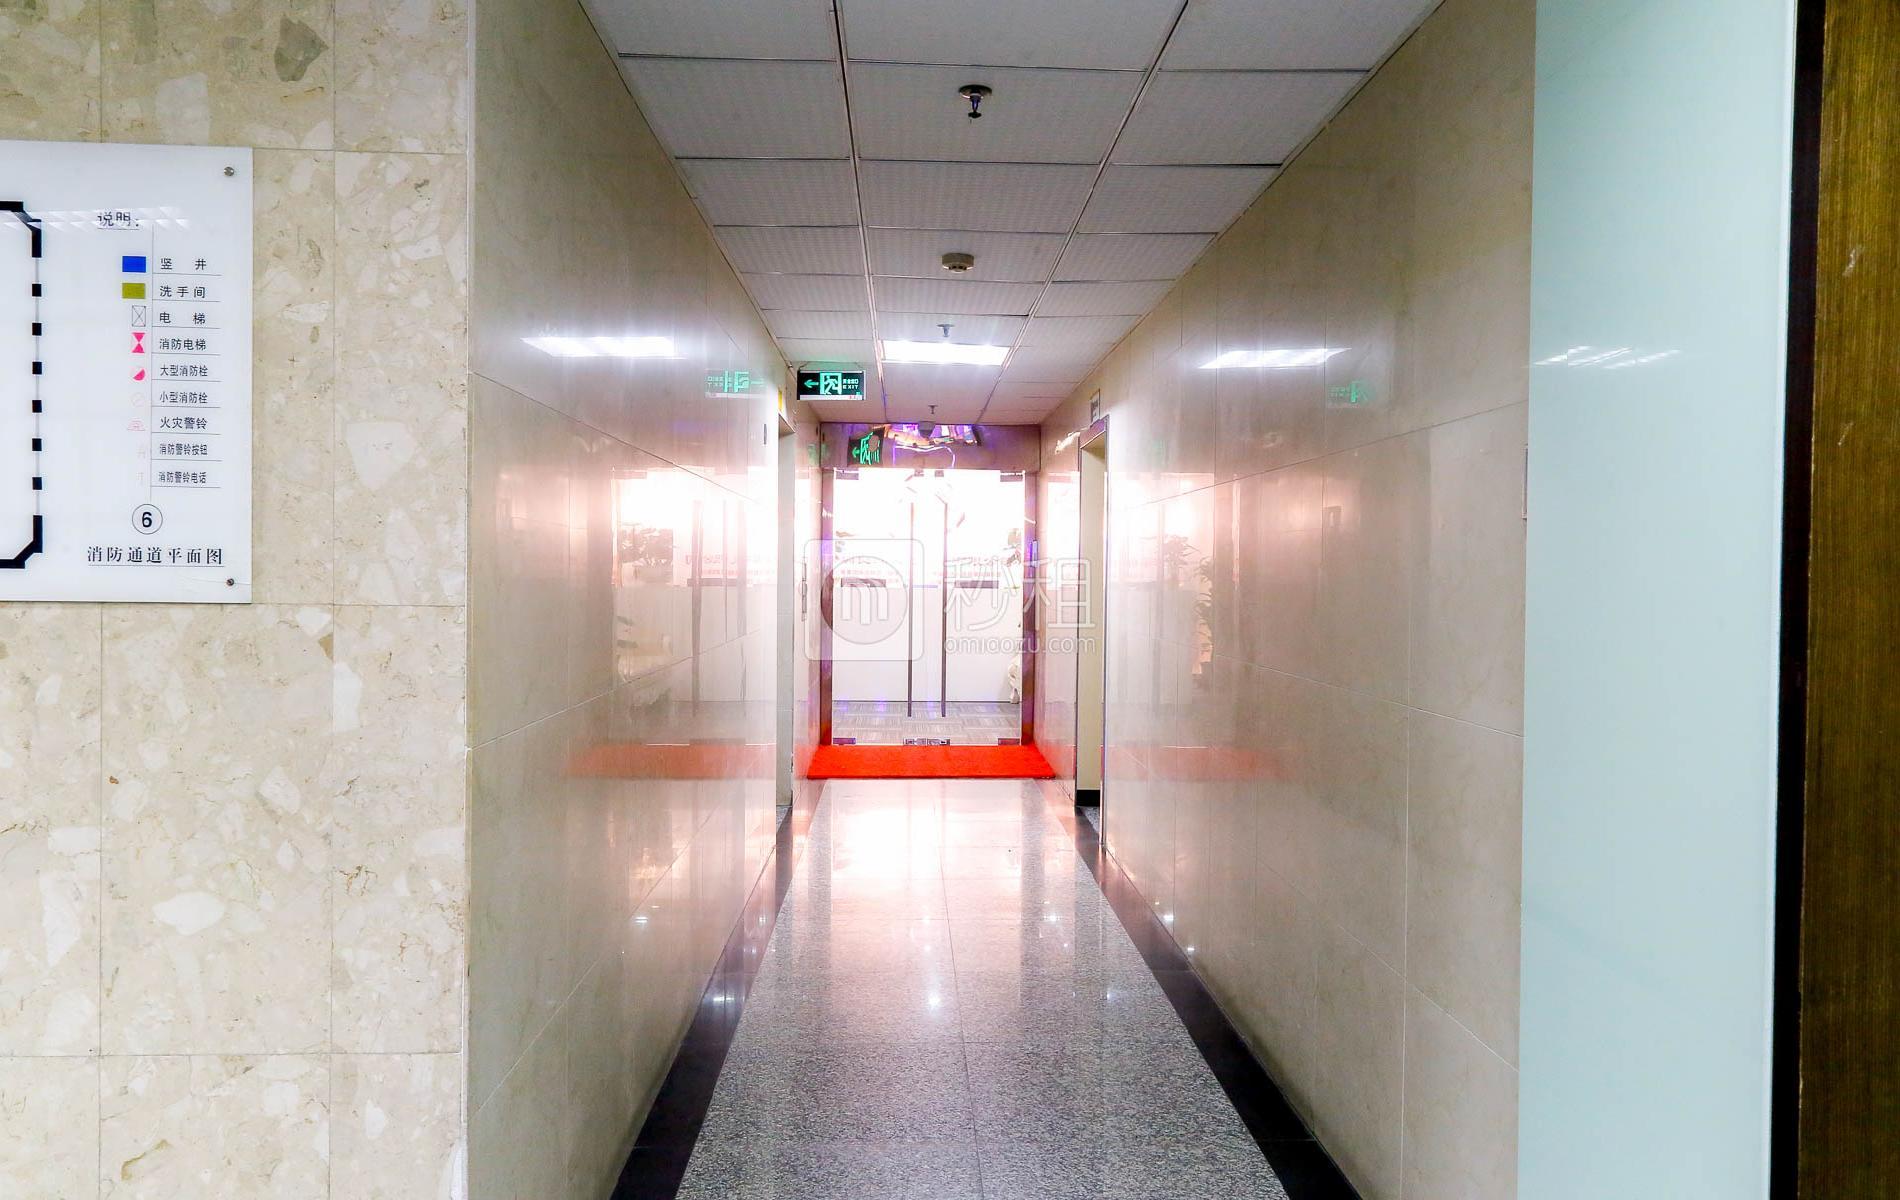 国贸大厦写字楼出租/招租/租赁,国贸大厦办公室出租/招租/租赁